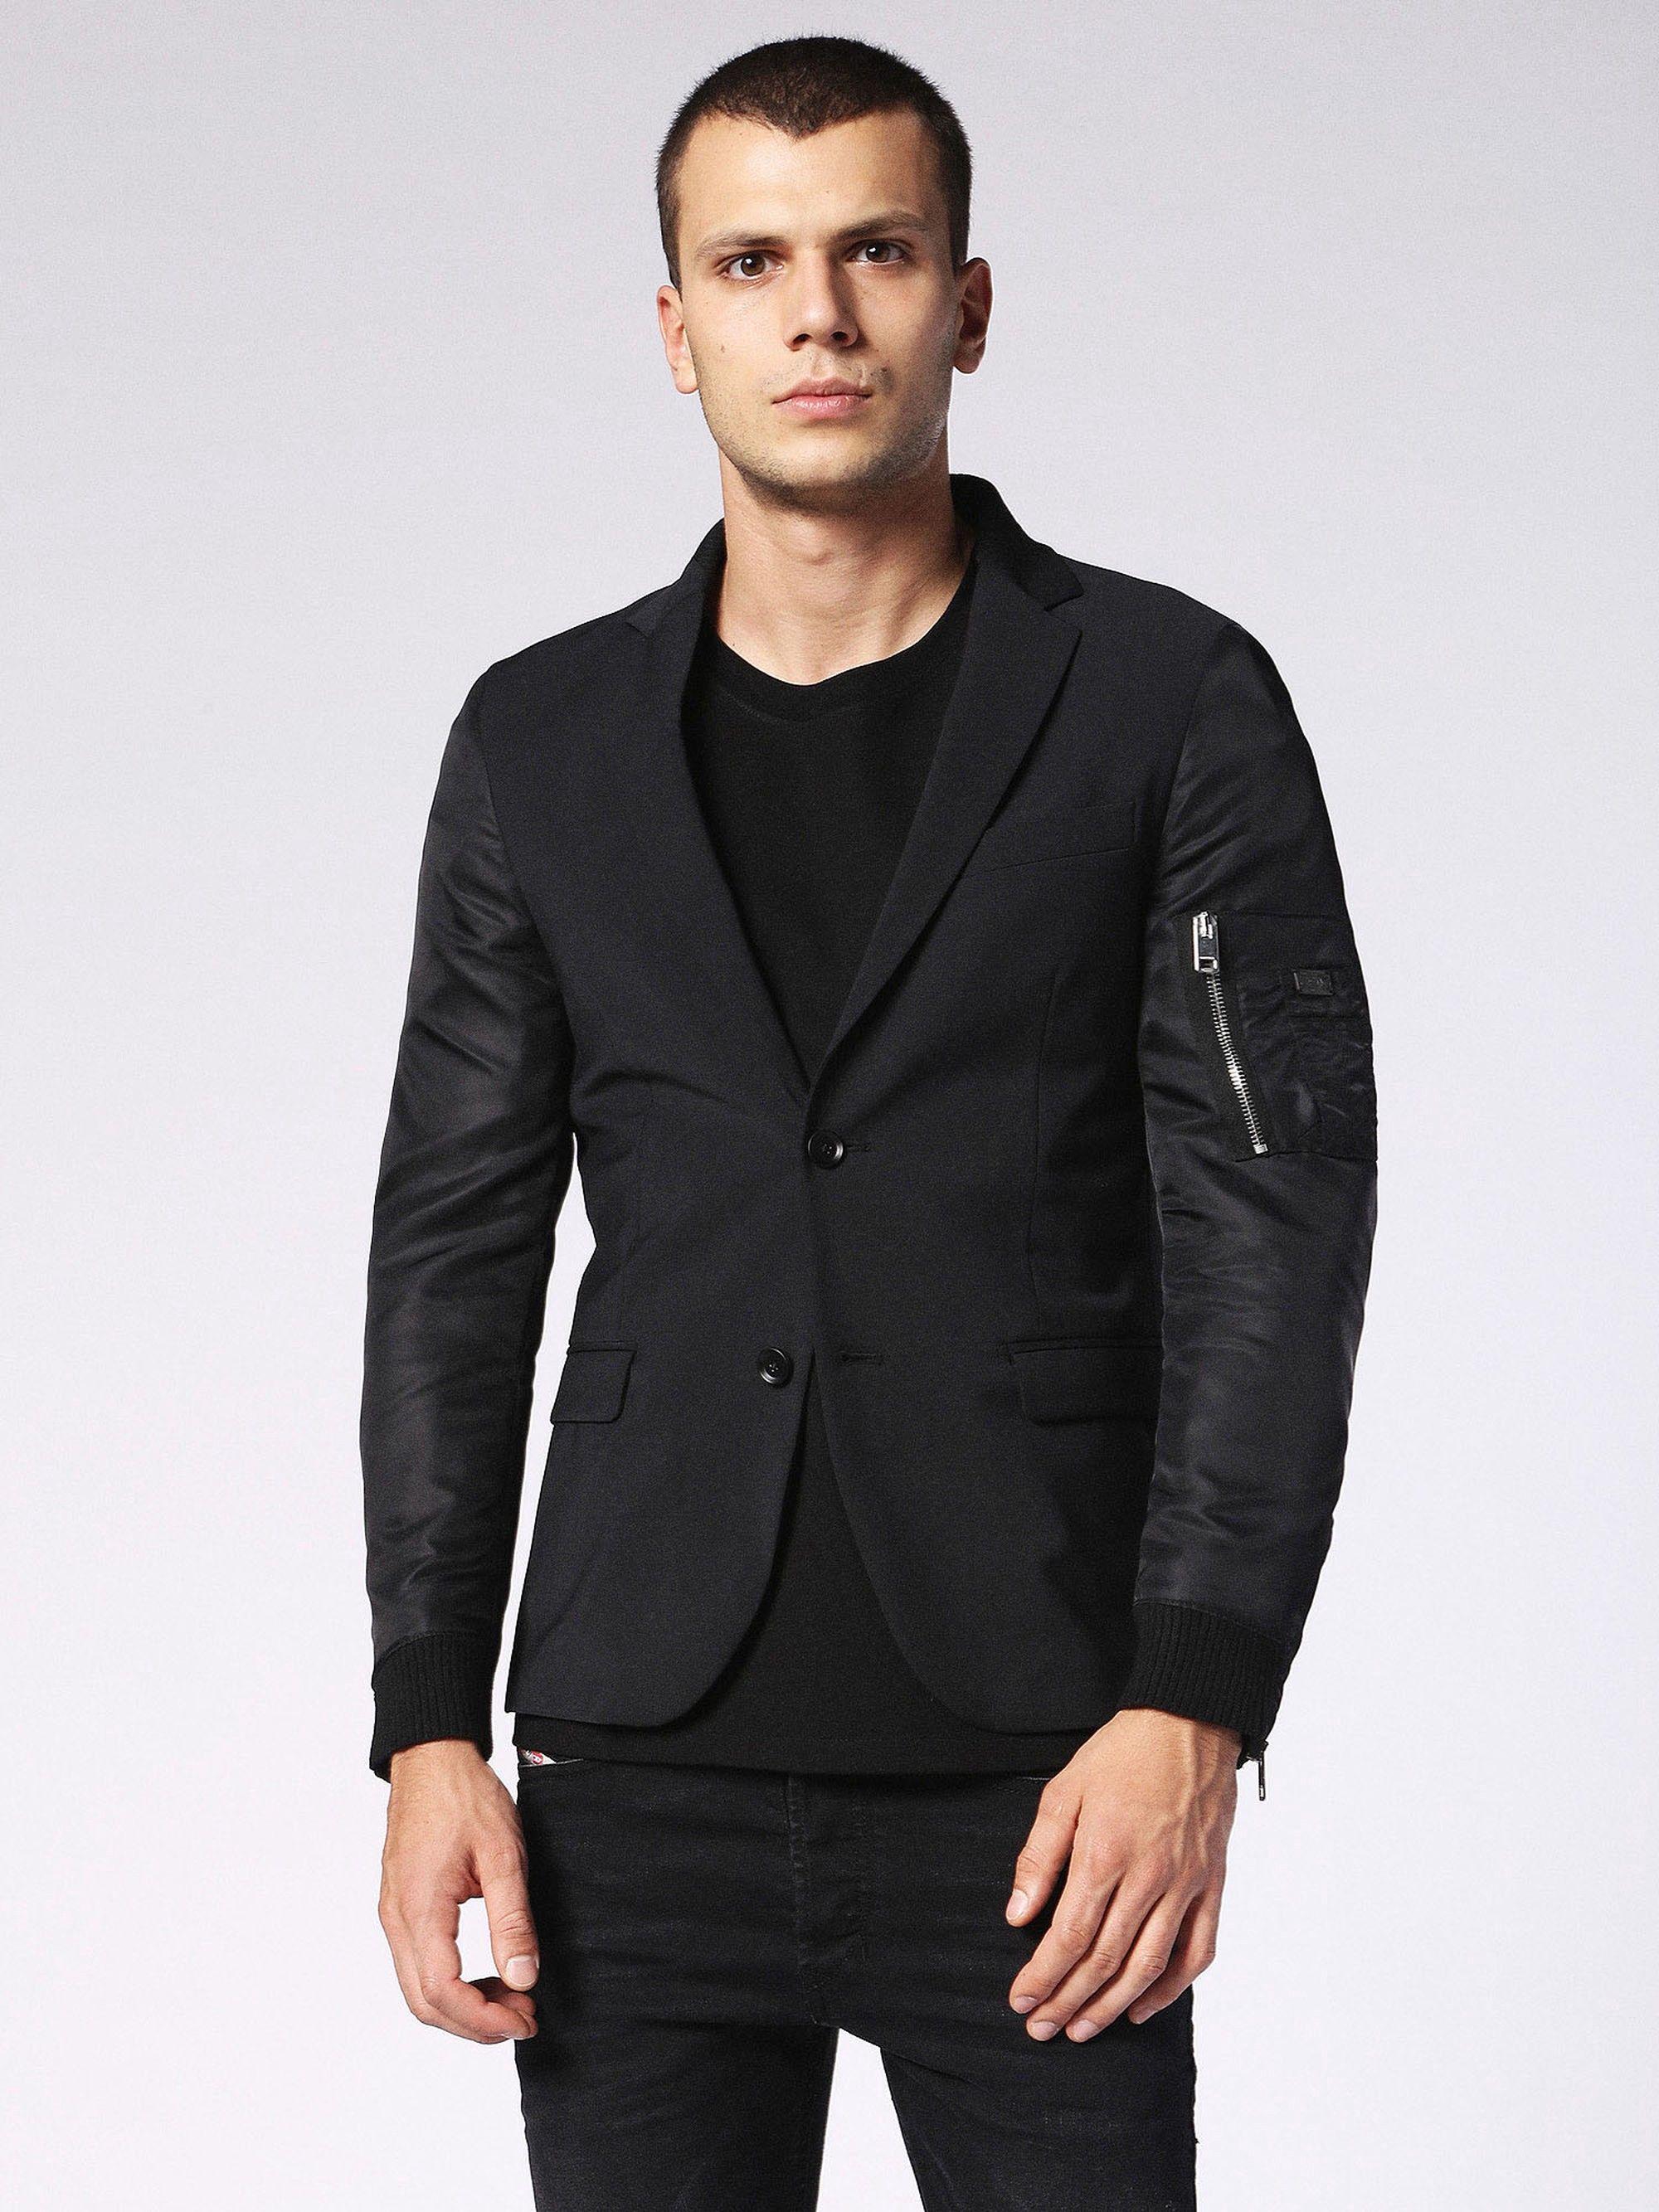 Diesel J Follyer Jackets Diesel Cloth Blazer Jackets Suit Jacket [ 2667 x 2000 Pixel ]